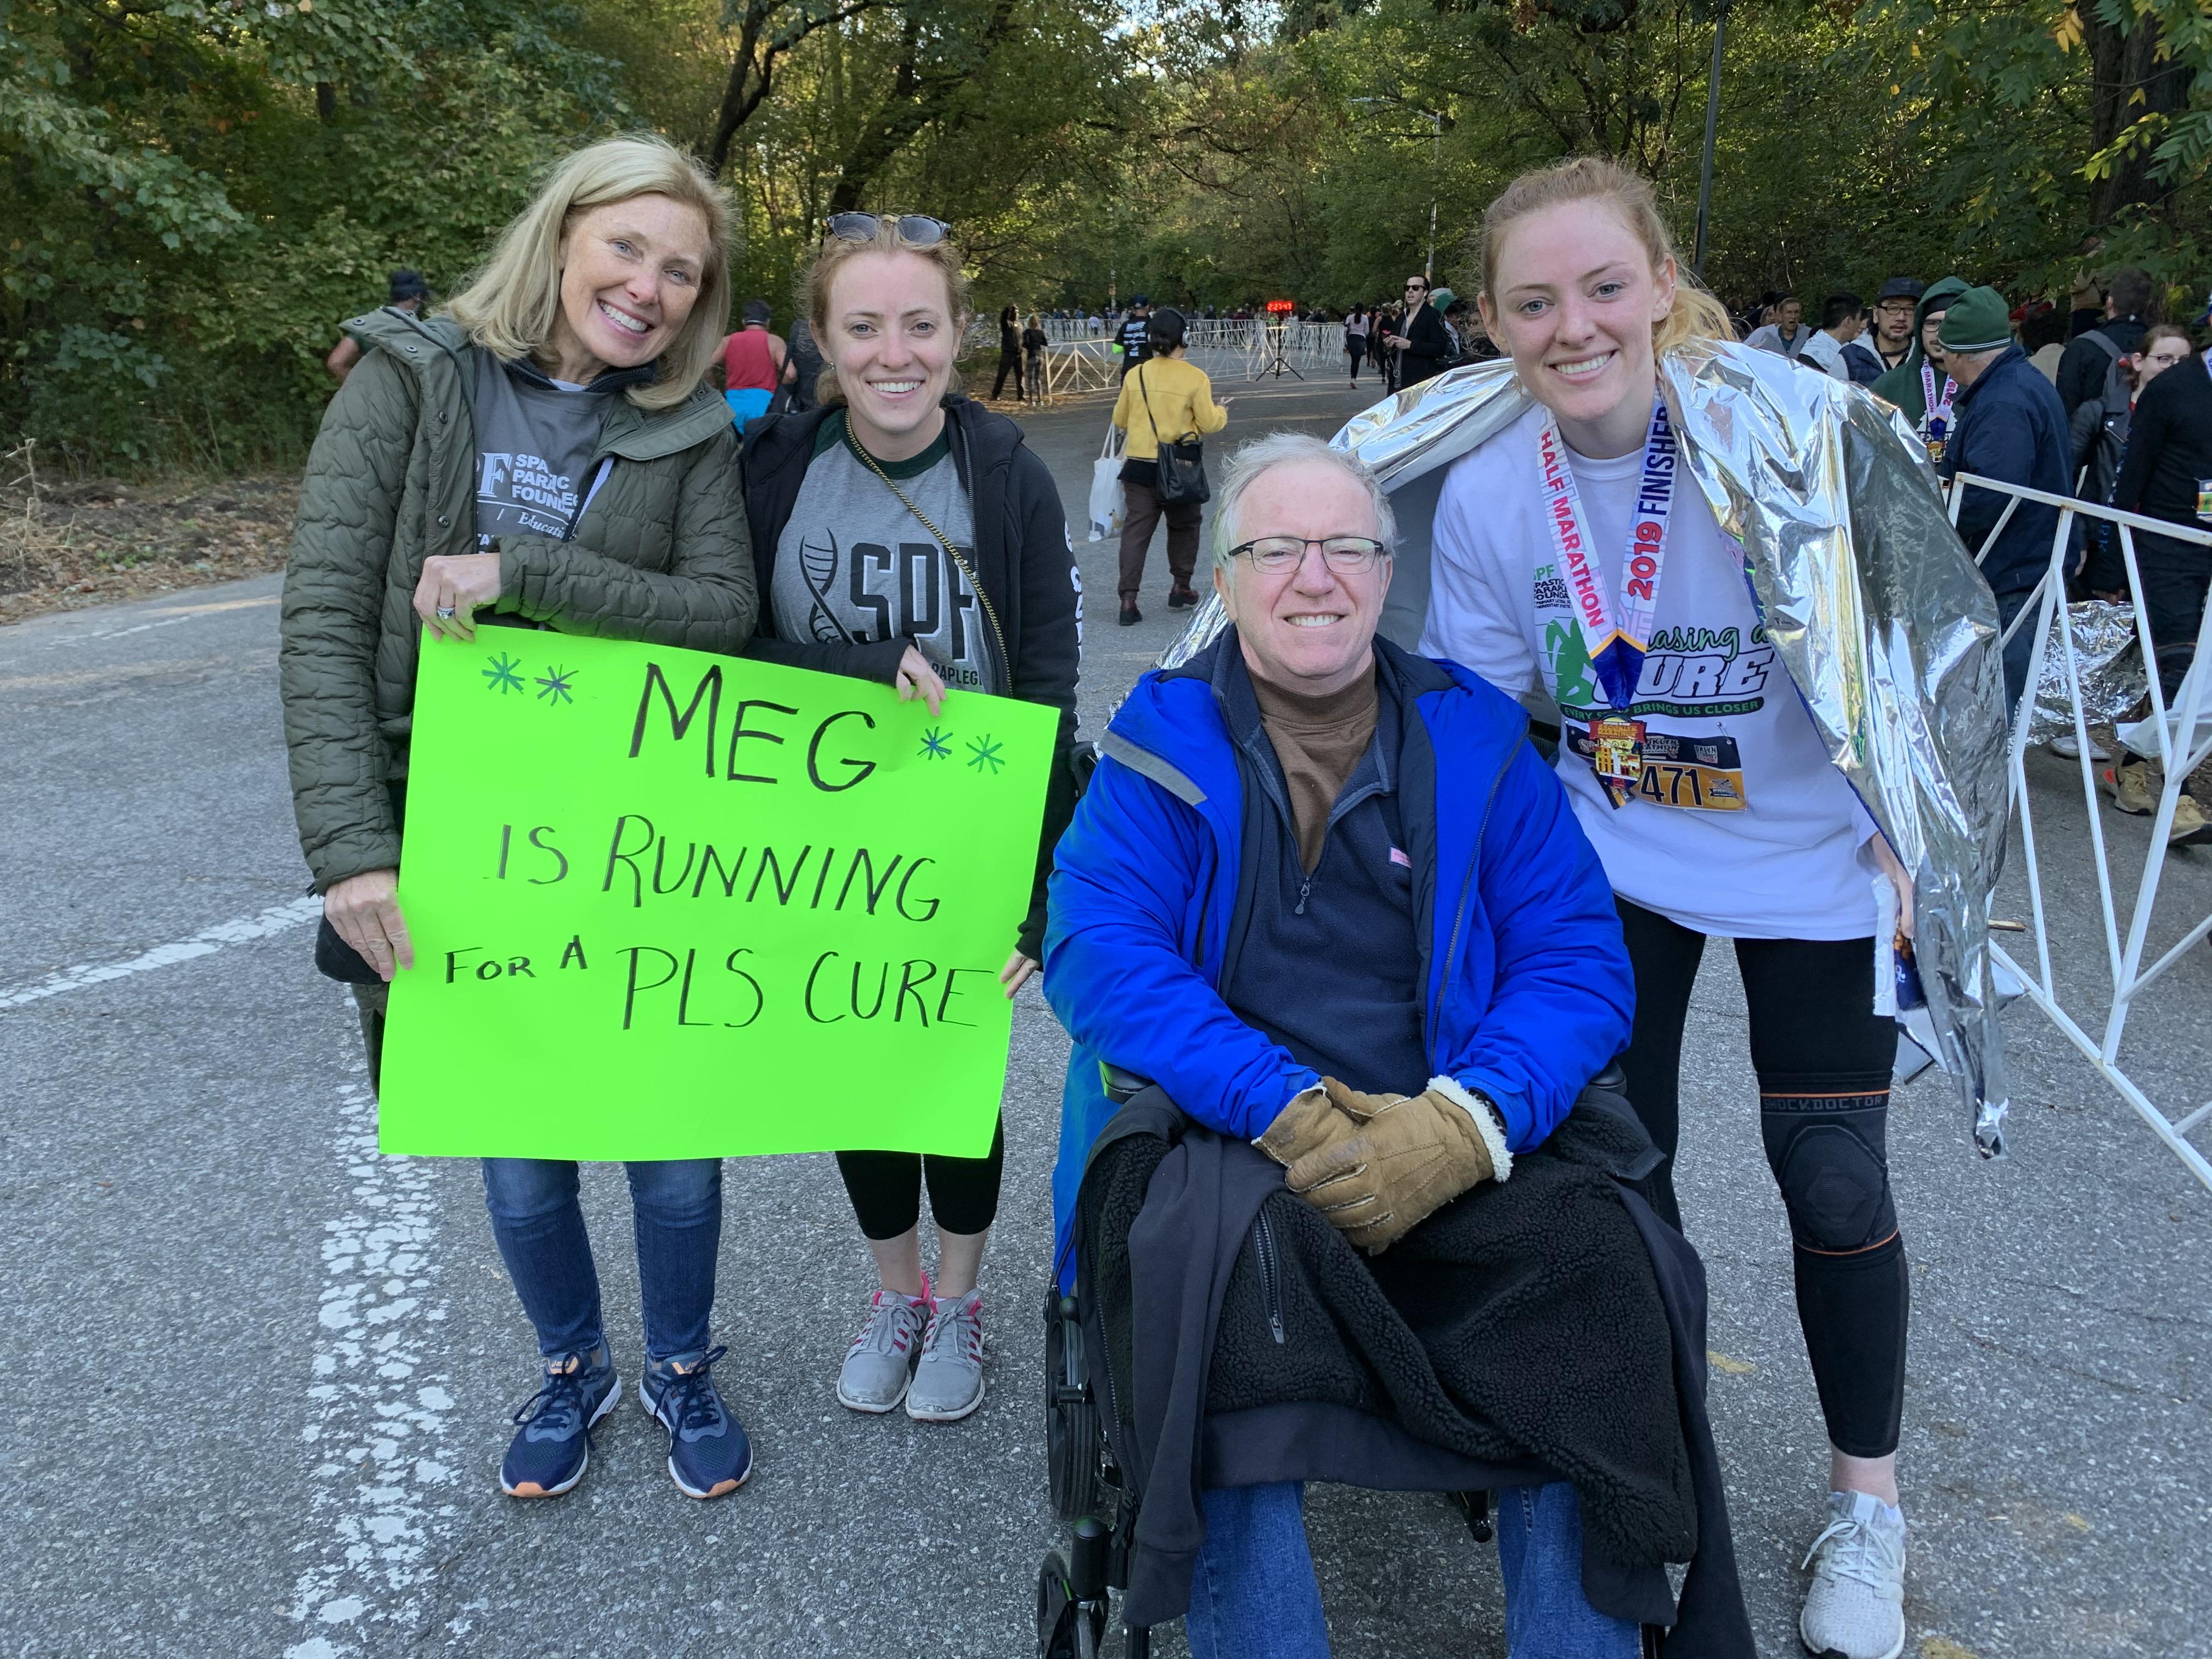 Meg Marren raised $36000